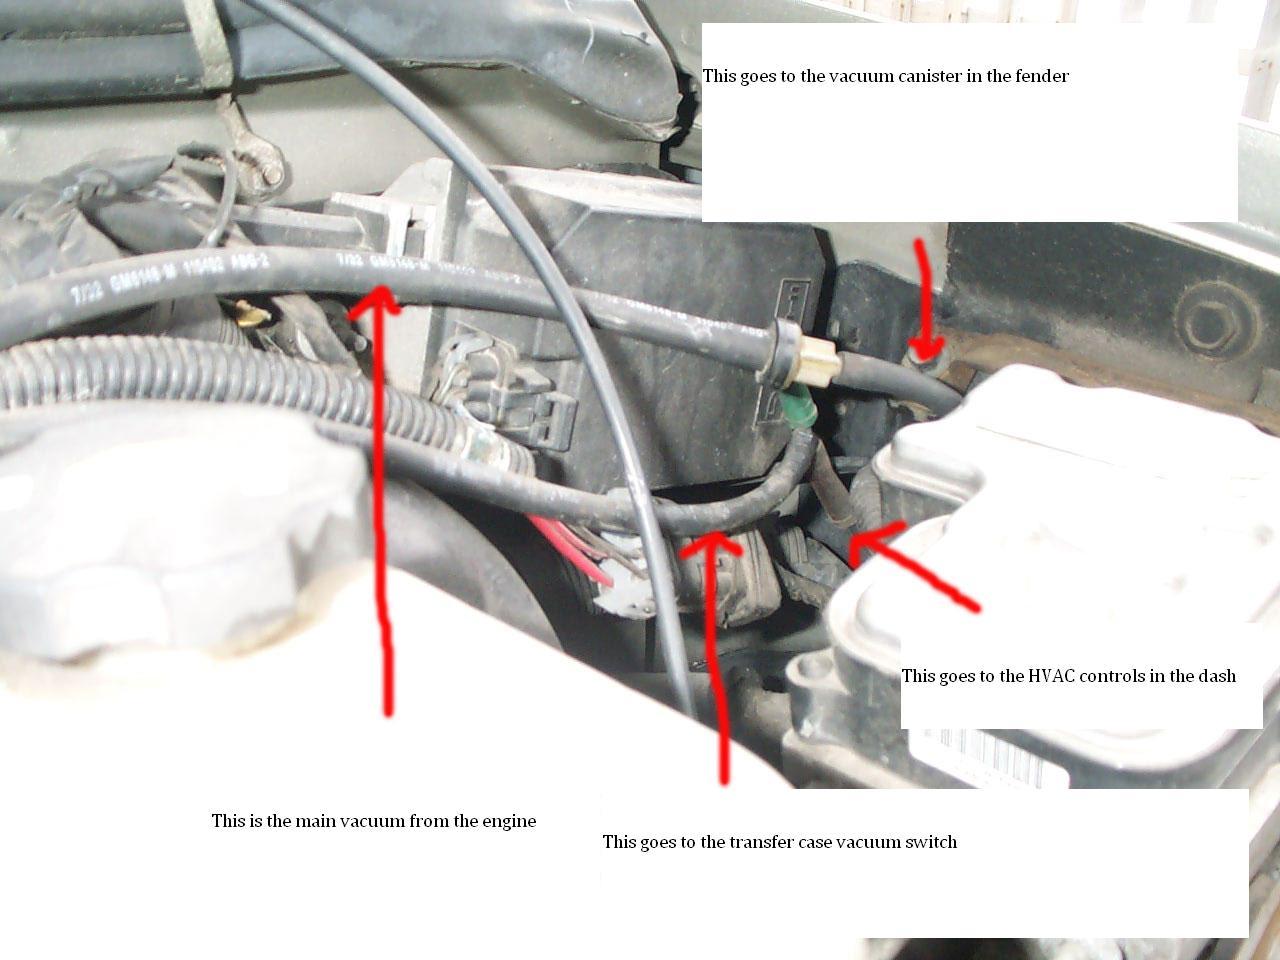 2001 Dodge Ram 1500 4x4 Vacuum Line Diagram